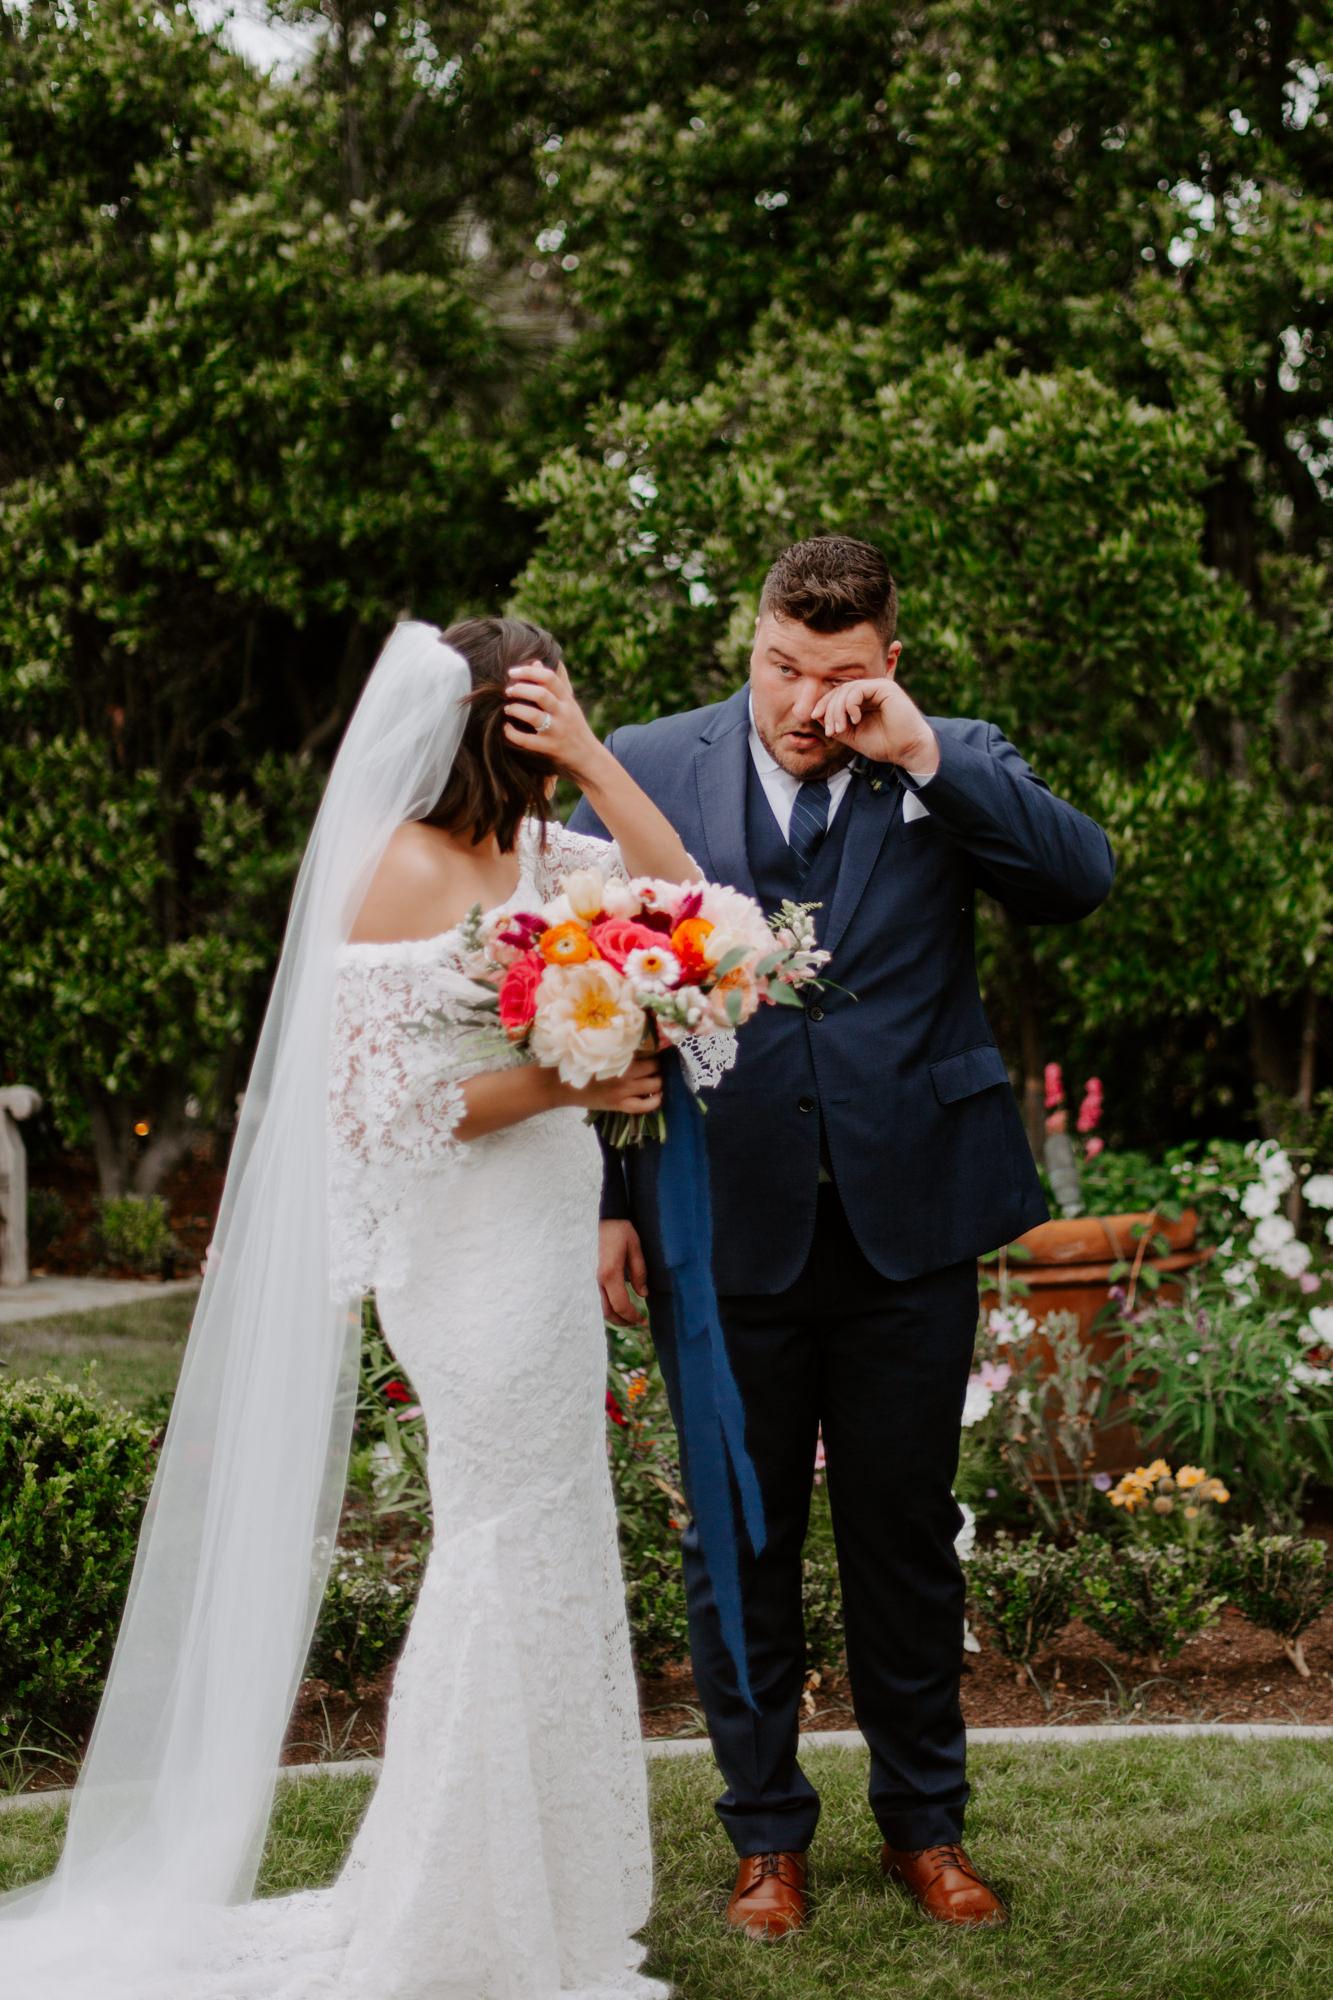 Rancho bernardo Inn san deigo wedding photography0034.jpg